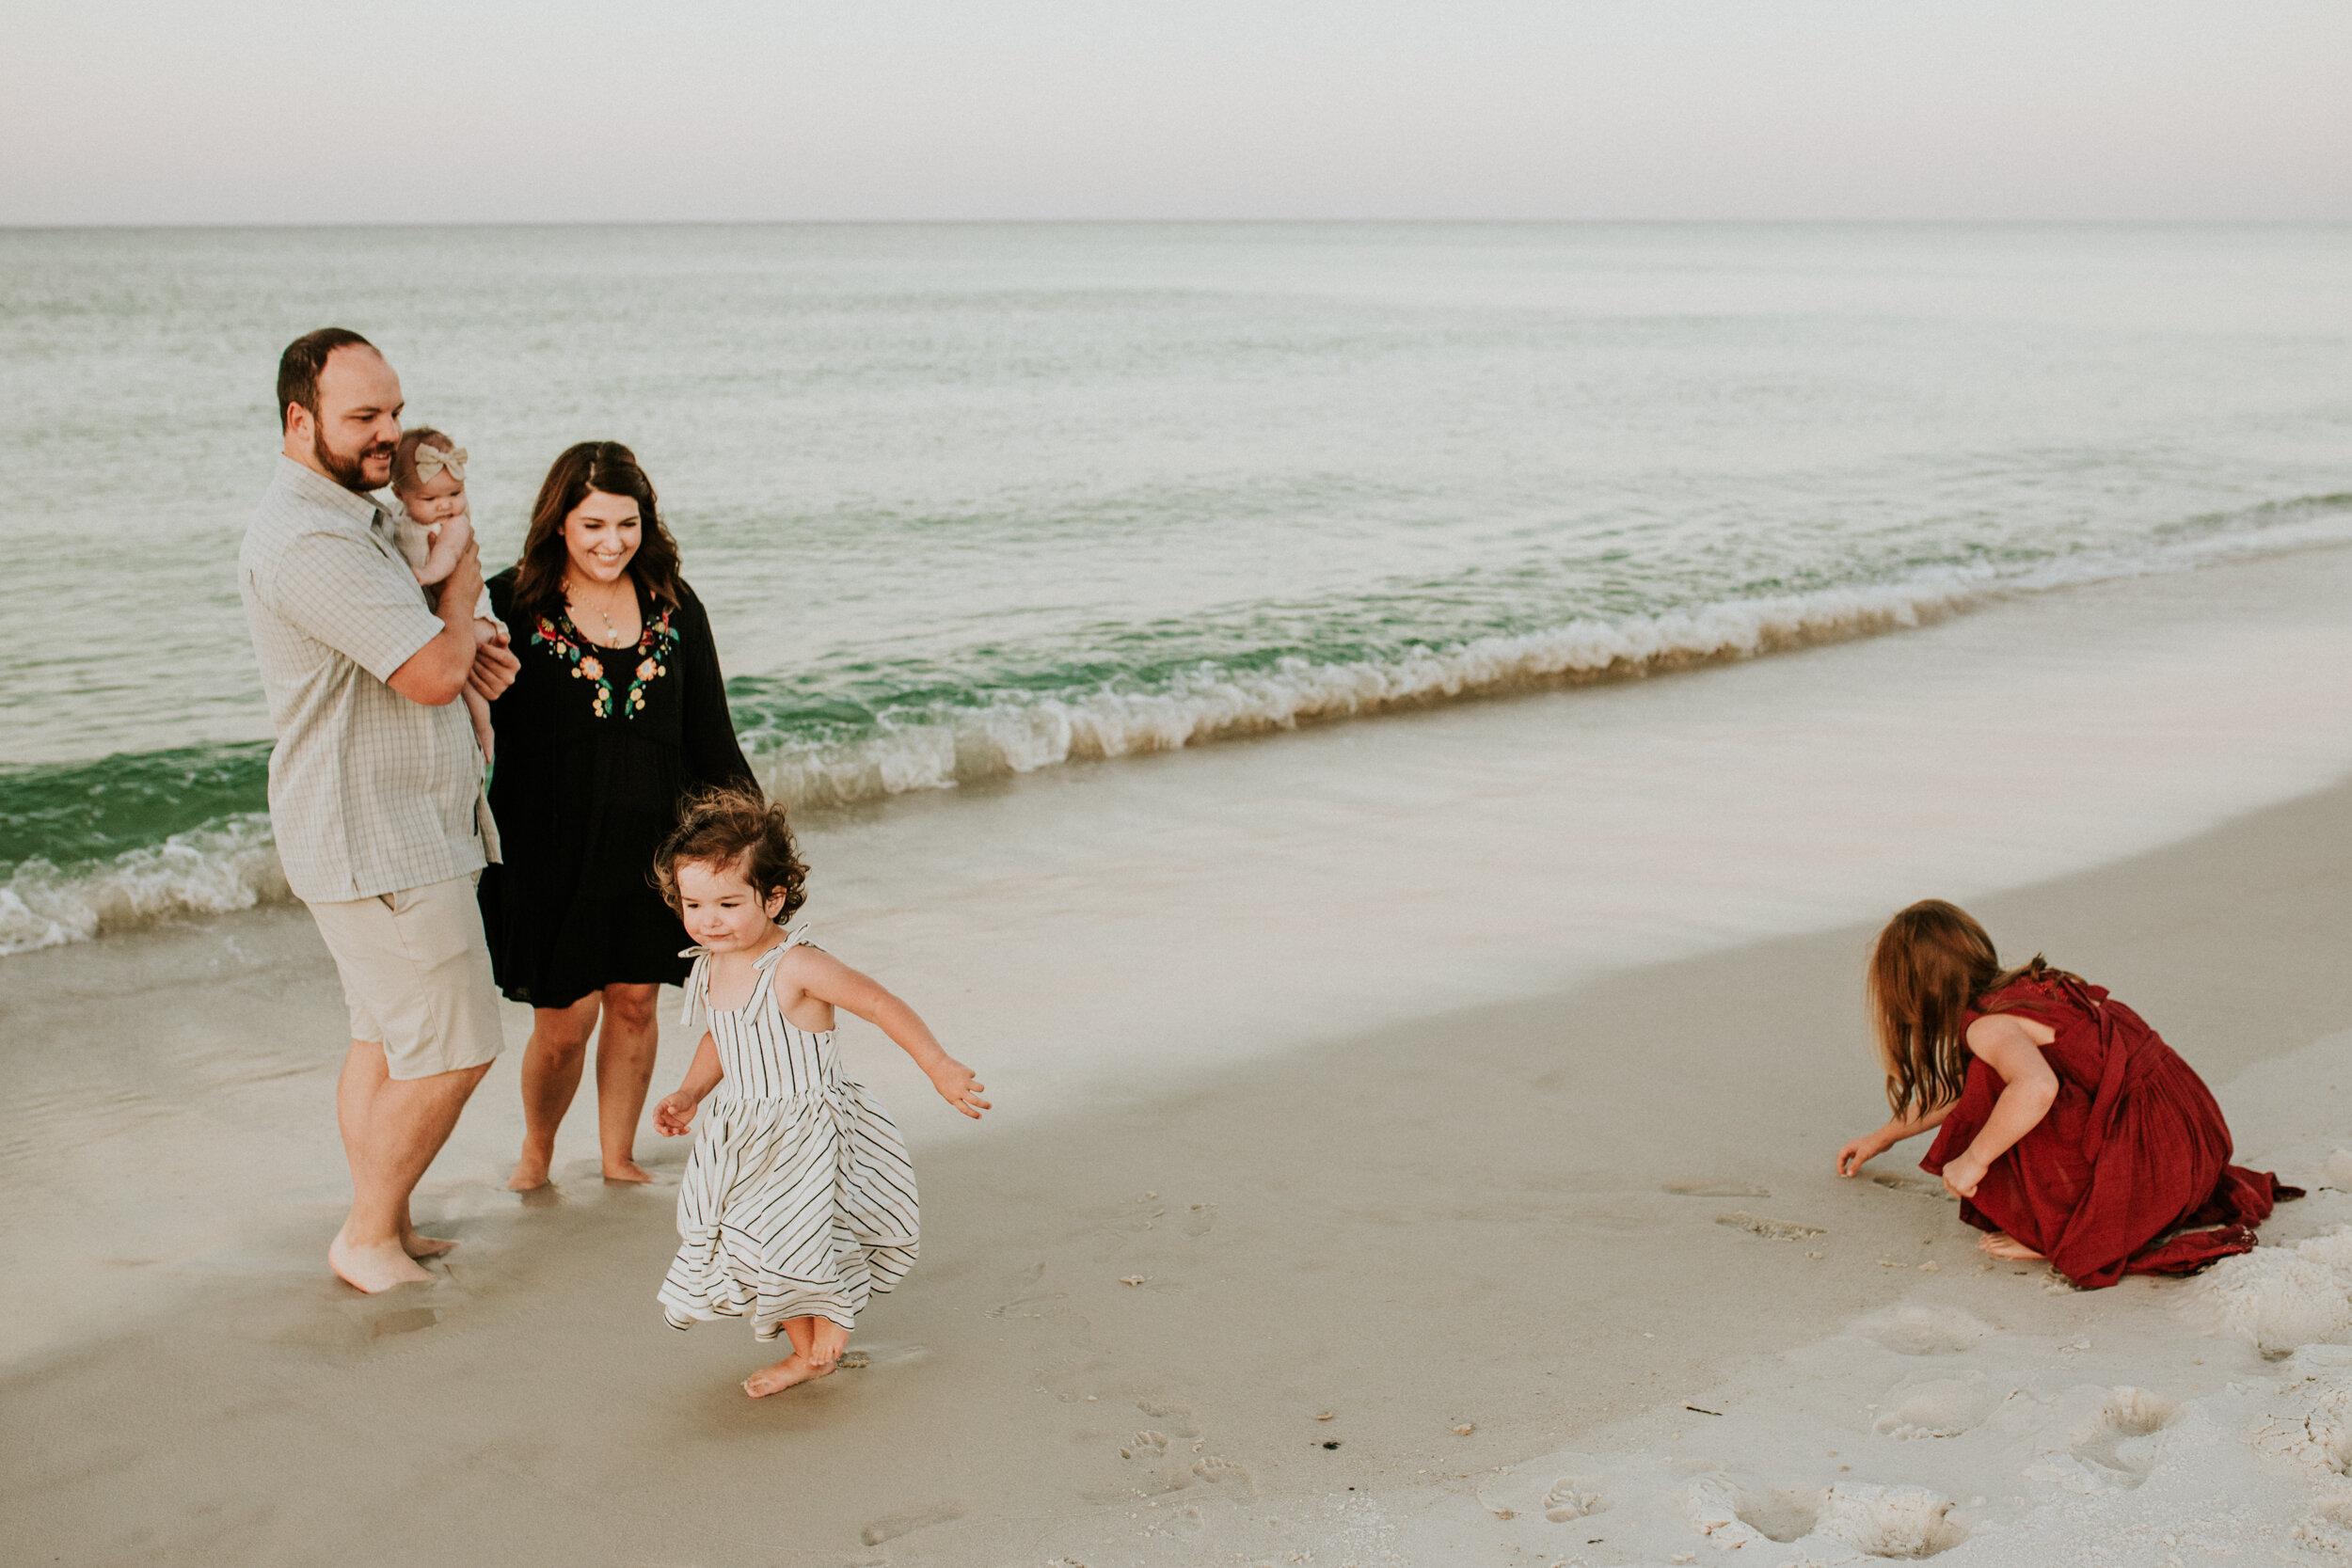 30a_Destin_Rosemary_Beach_Florida_Family_Photographer_Beach_Session-7.jpg